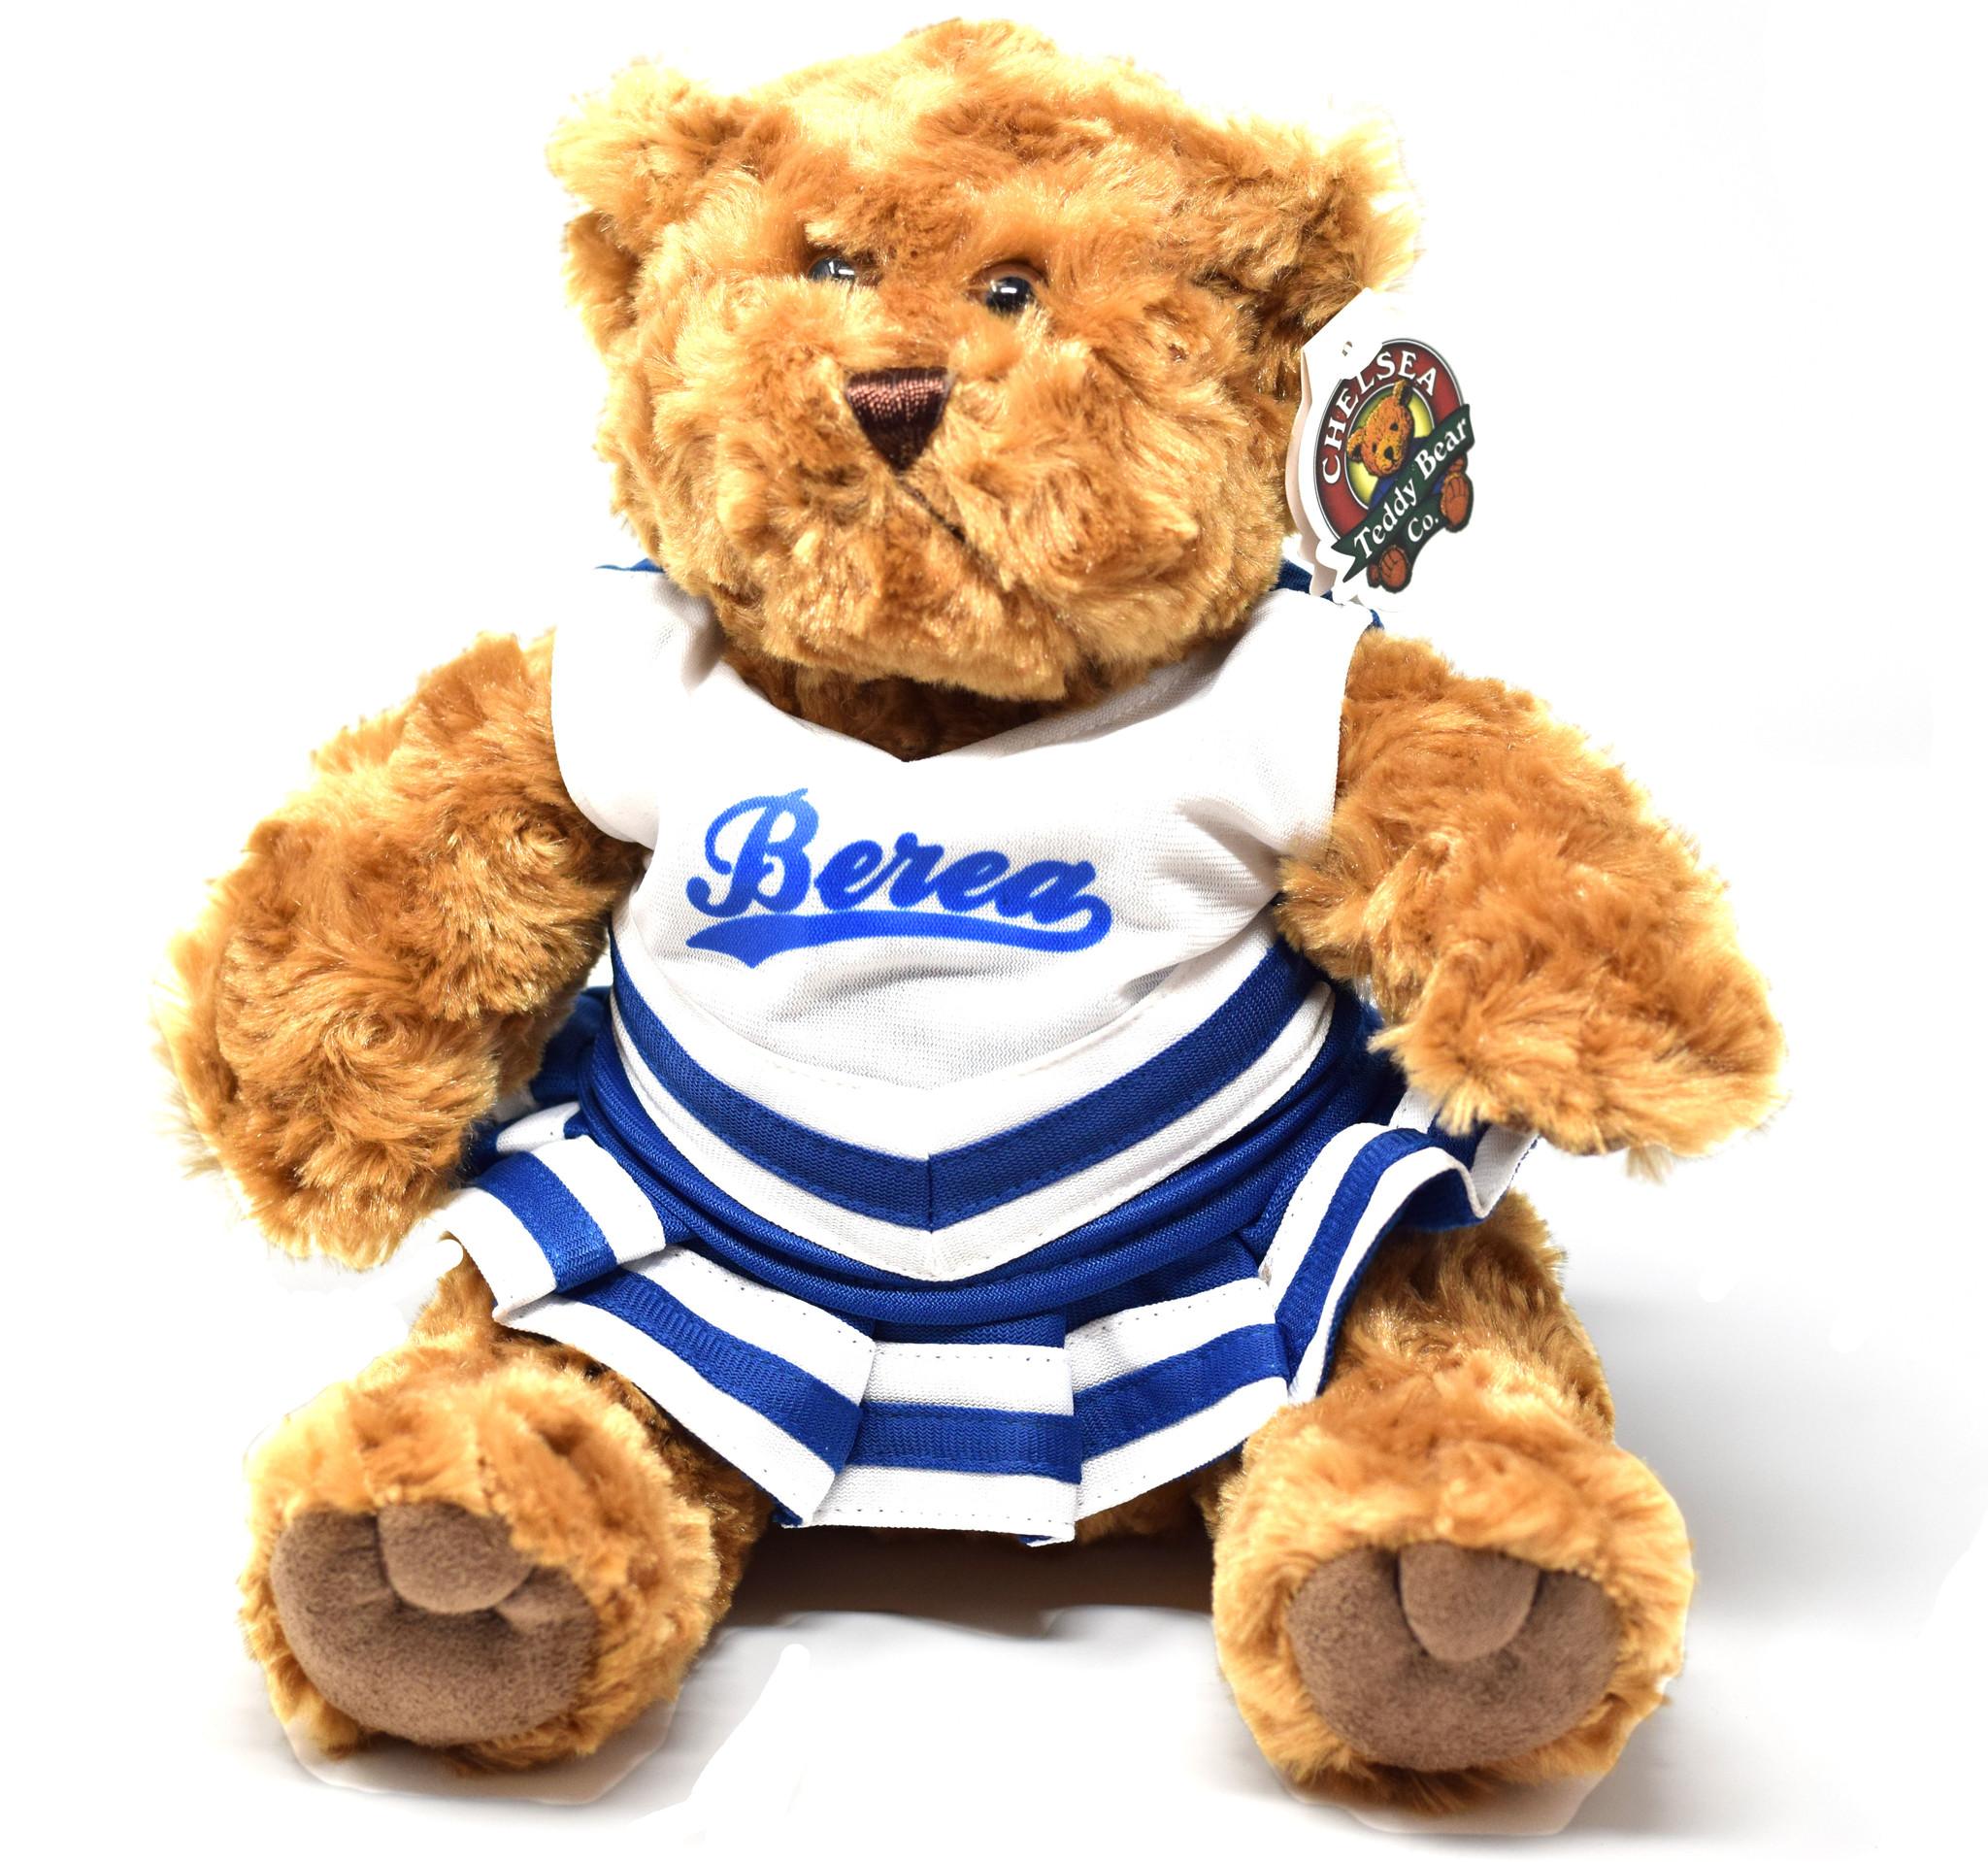 Plushy Berea Cheerleader Bear-1